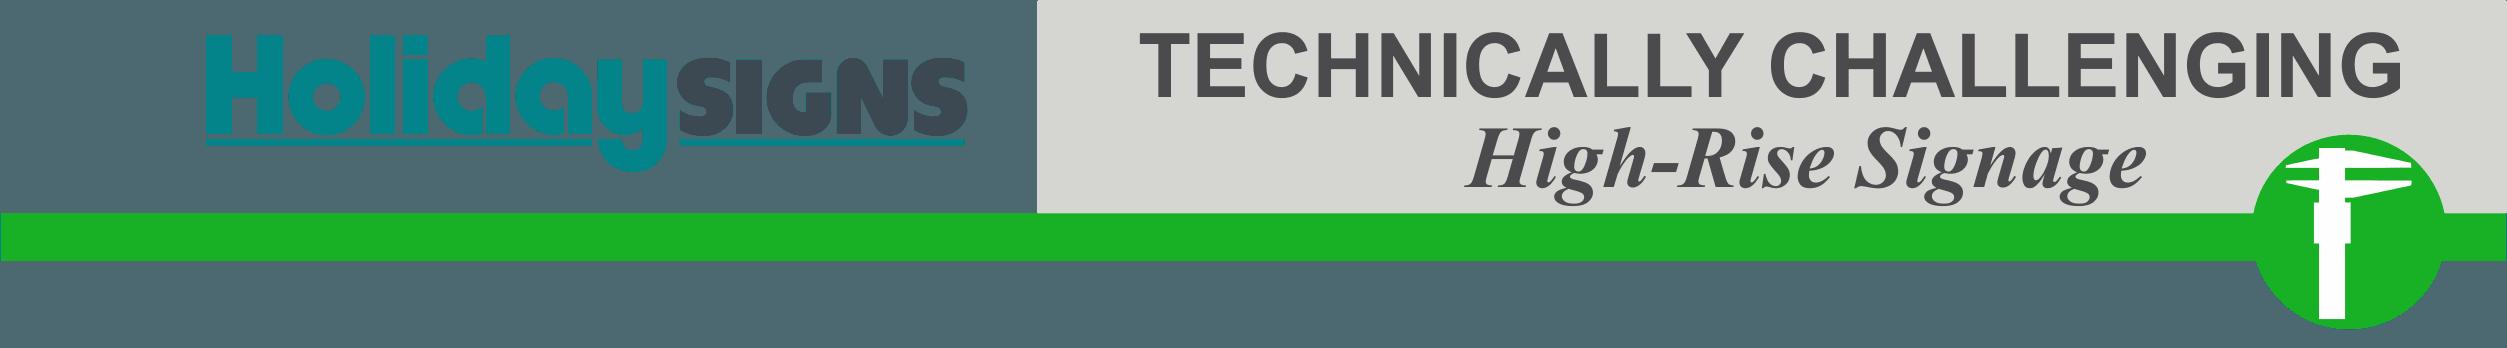 tech chall hi rise header